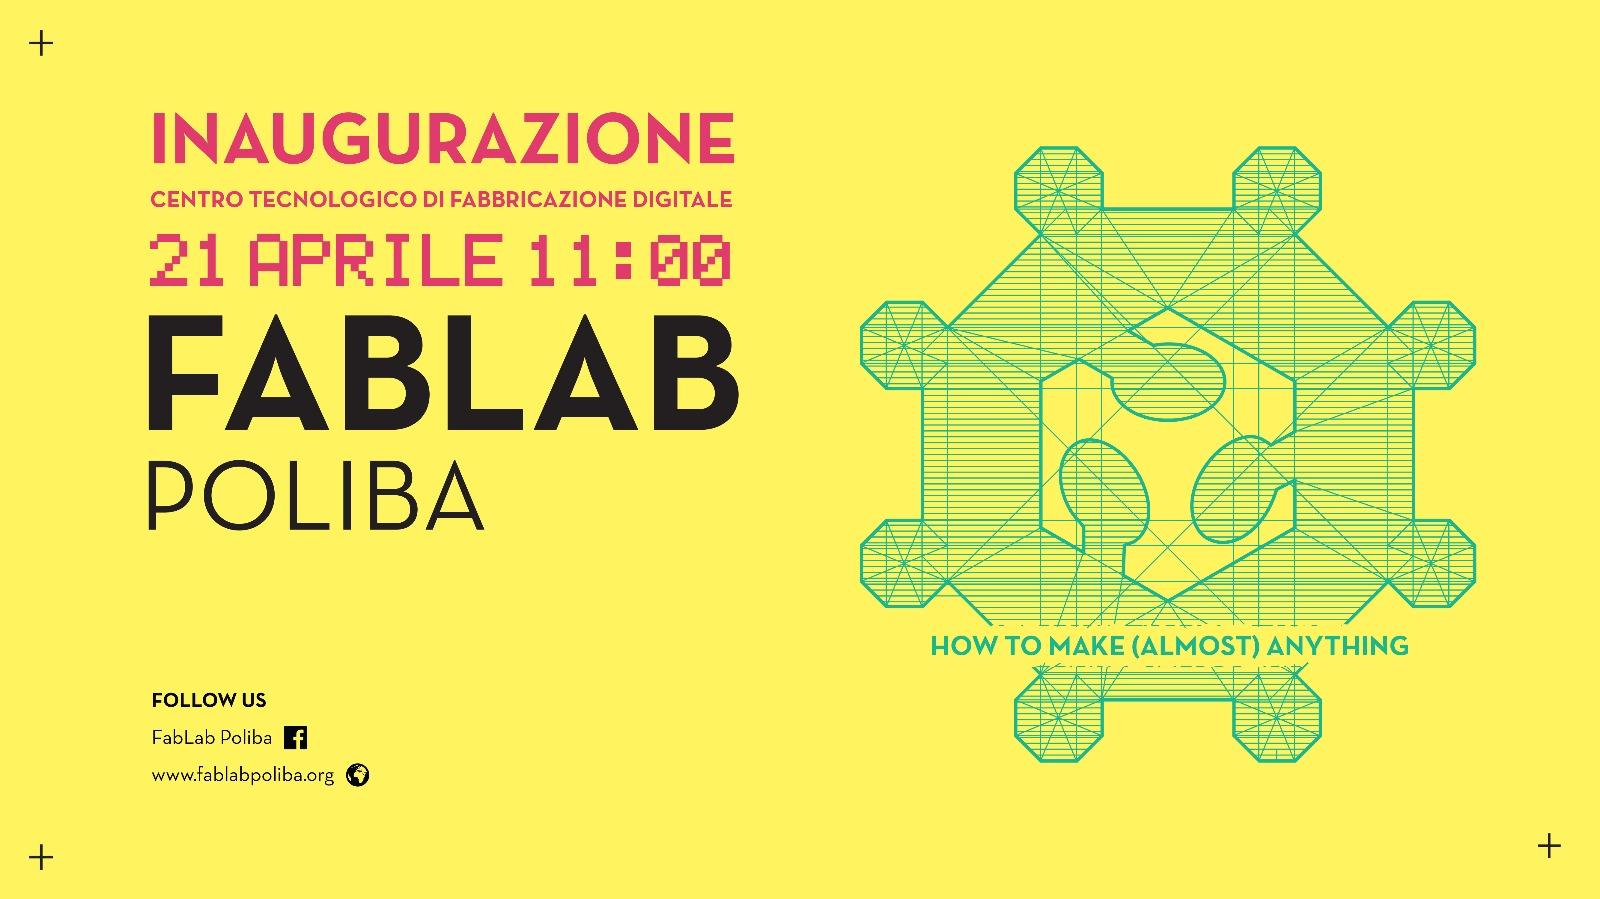 """Centro Tecnologico per la Fabbricazione Digitale """"FabLab Poliba"""